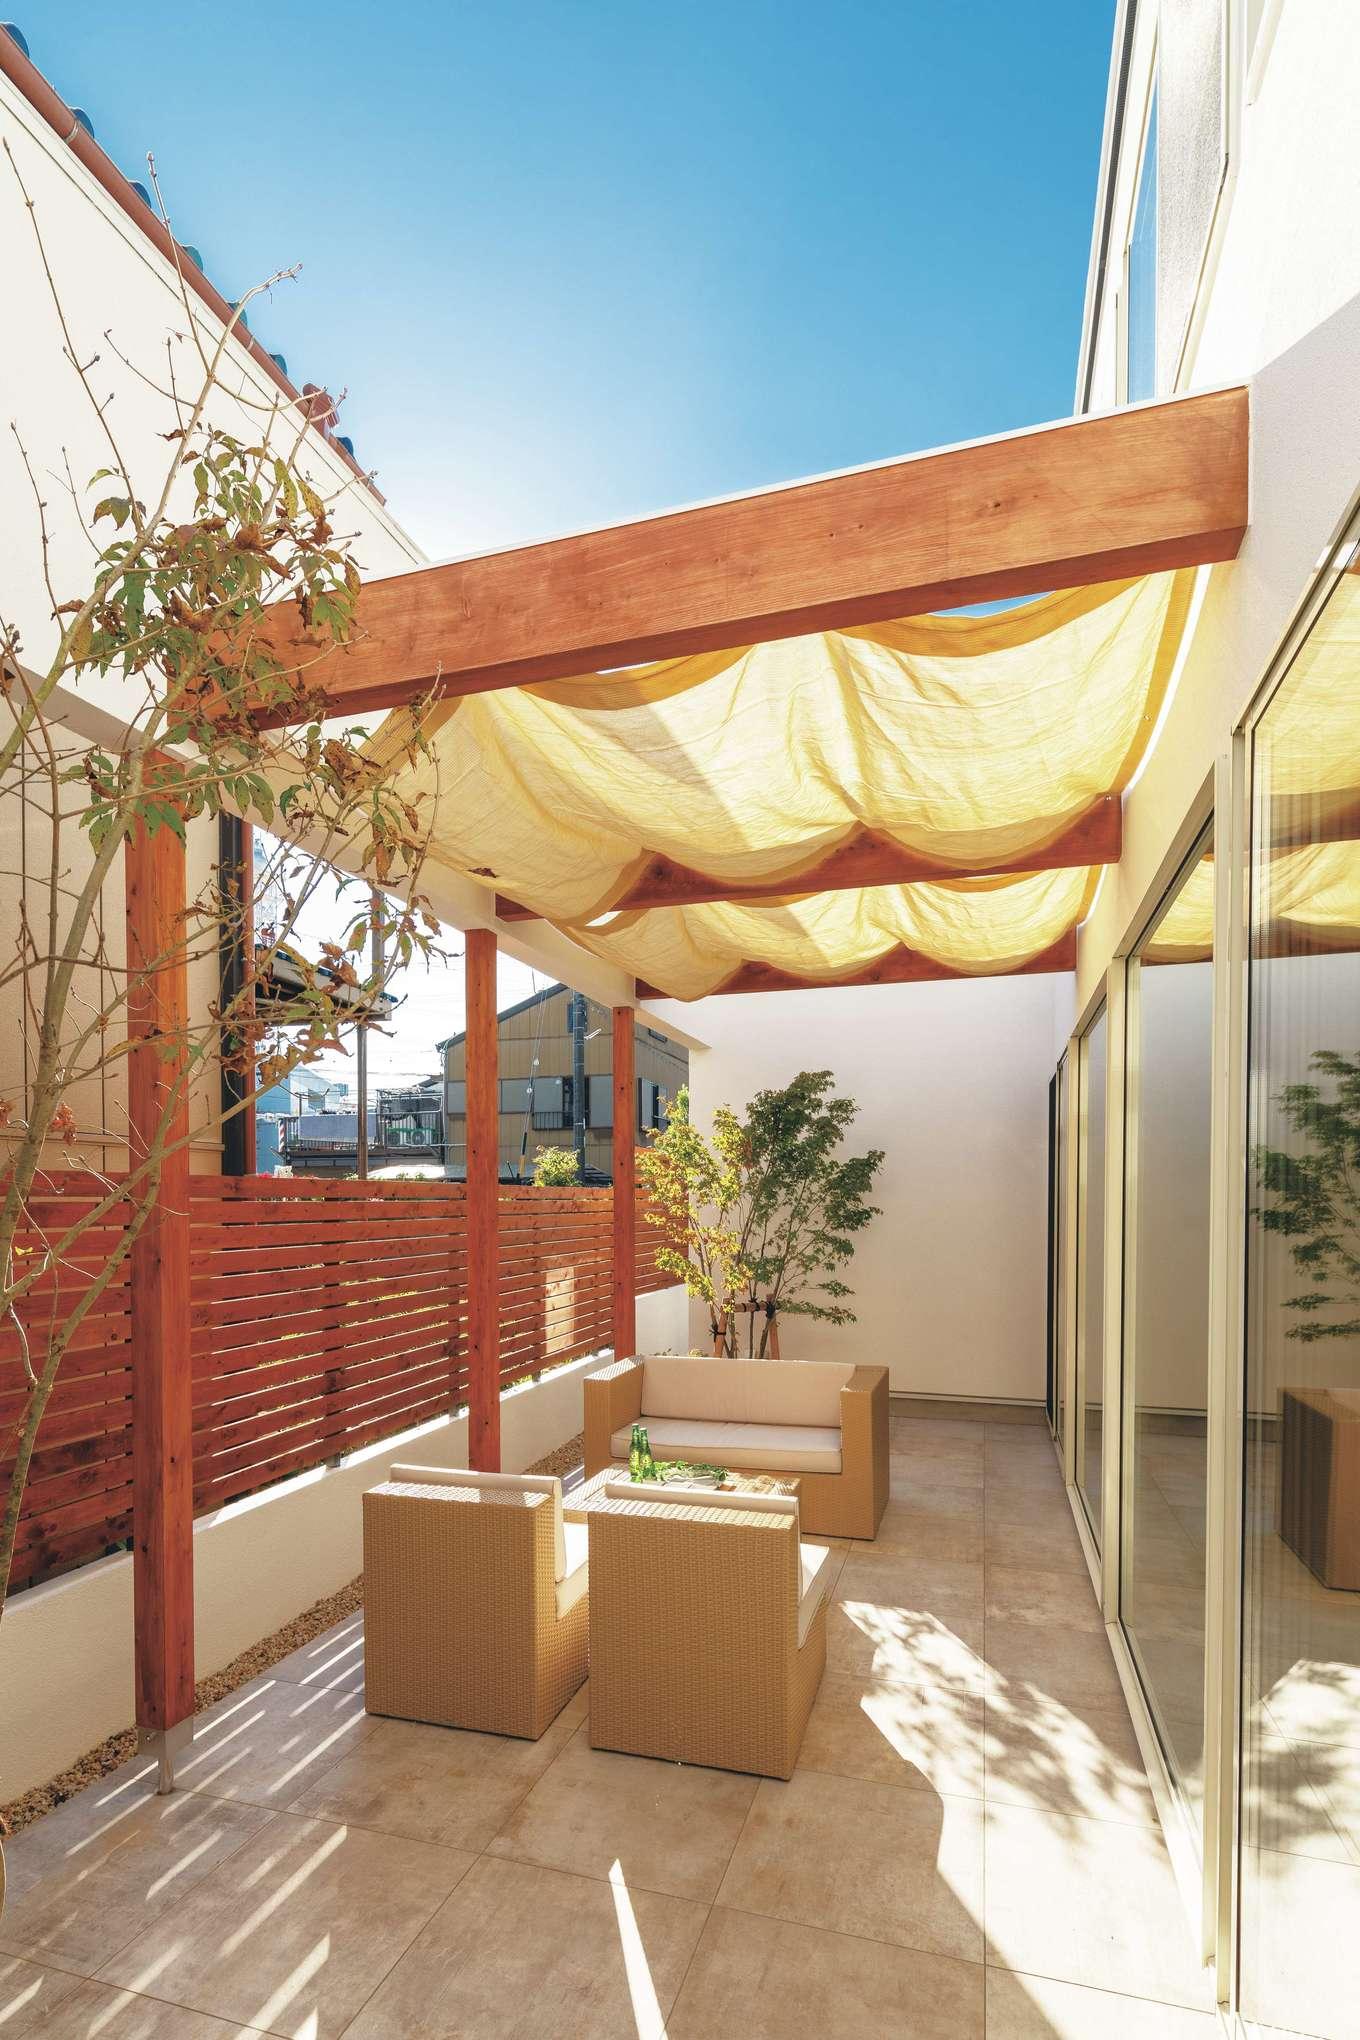 住家 ~JYU-KA~【デザイン住宅、間取り、建築家】家と外を繋ぐテラス。日常の中で自然を感じるスペース。可動式のシェードを取り付け、夏の日よけ対策も万全。子どもたちを安心して遊ばせることができる